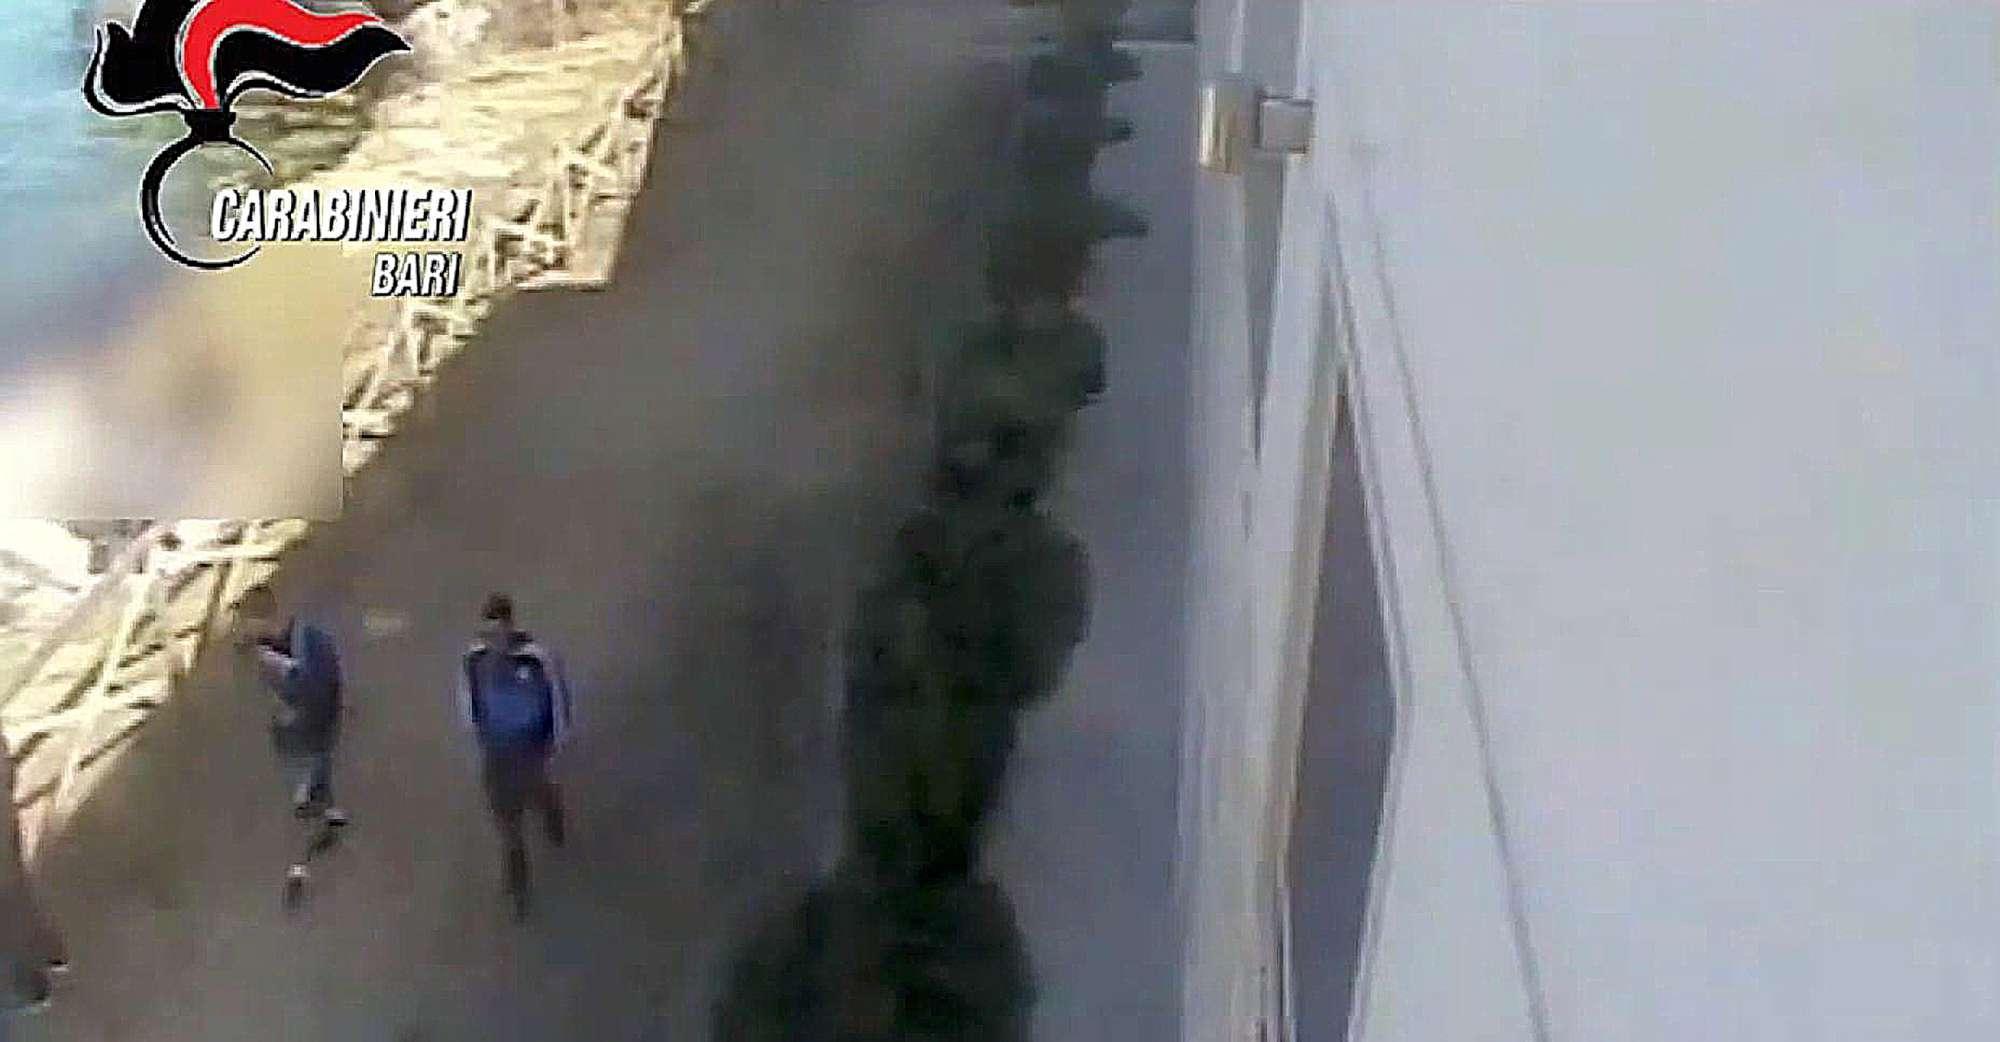 Anziano spinto dagli scogli a Monopoli, i due minorenni ripresi dalle telecamere di sicurezza